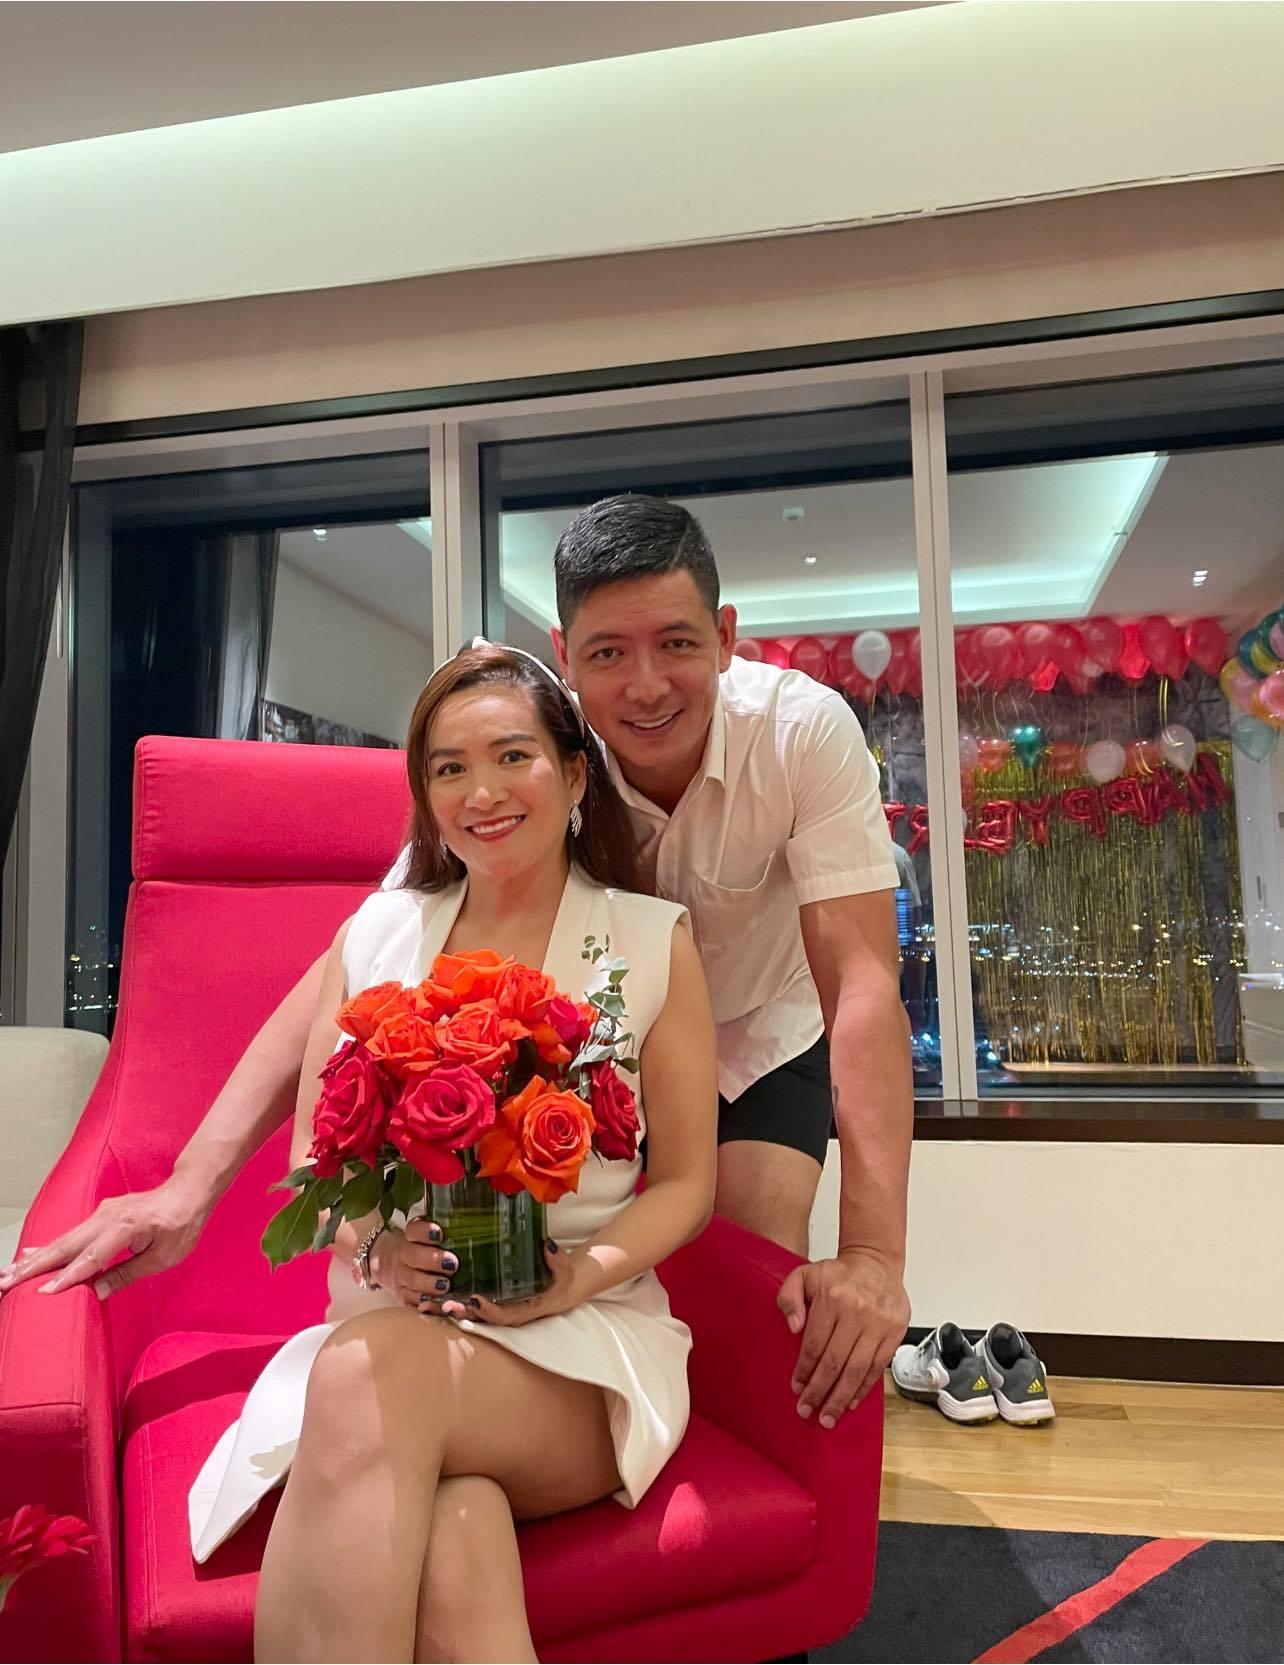 Bình Minh - Anh Thơ hạnh phúc kỷ niệm 13 năm ngày cưới, dân mạng 'ghen tị' về độ đẹp đôi